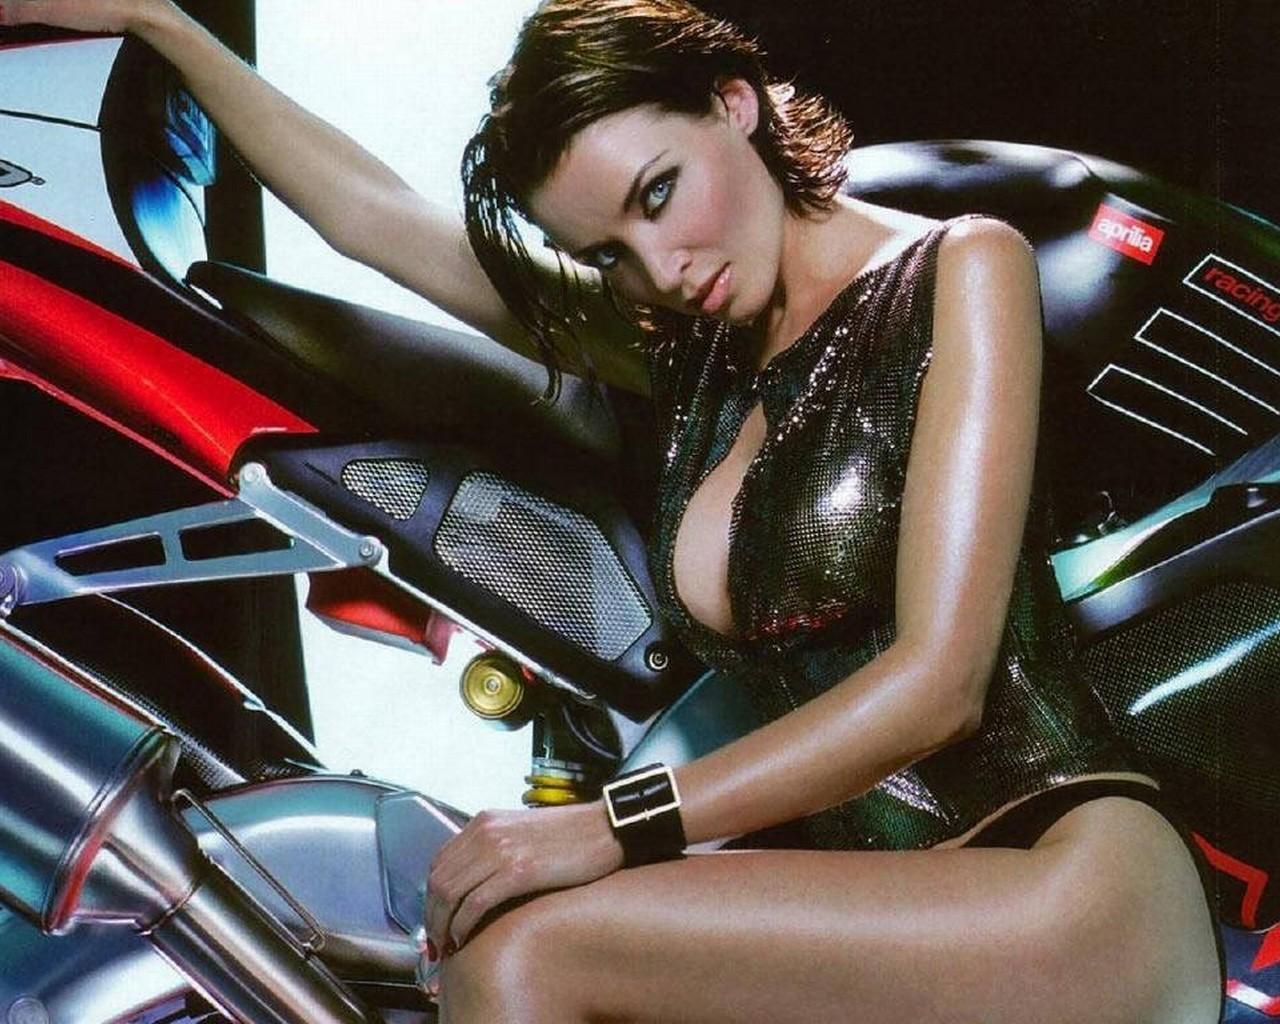 Motorcycle Girls Wallpapers  WallpaperSafari